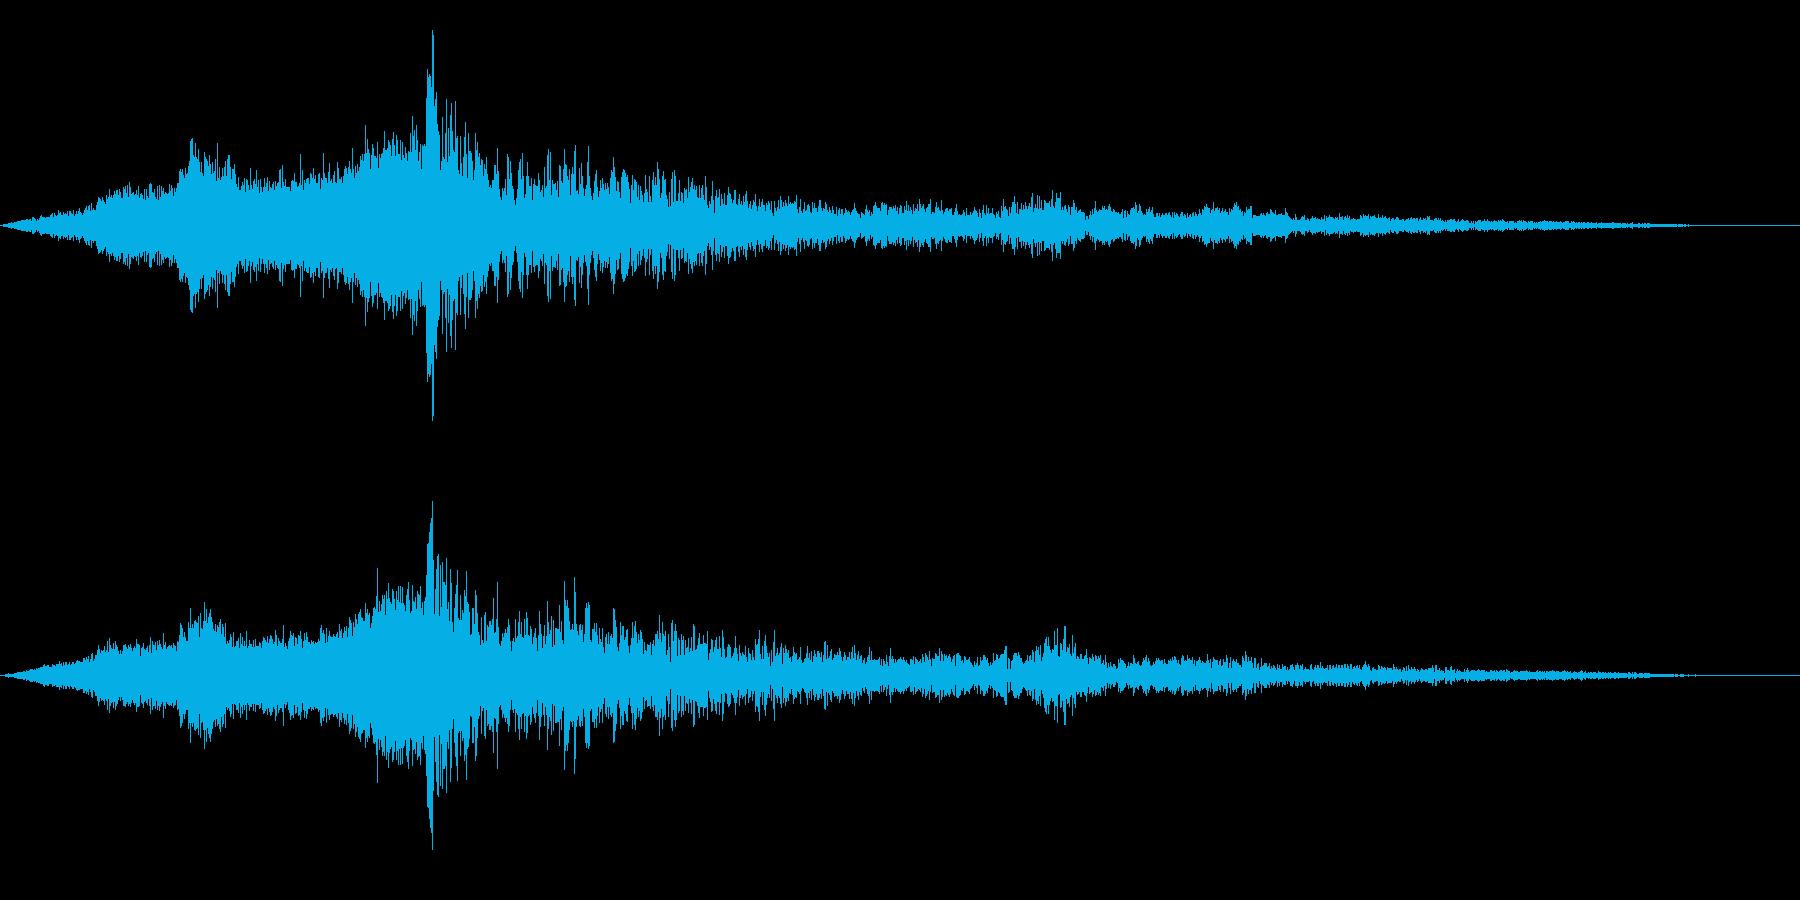 ホラー映画に出てきそうなノイズ系音源19の再生済みの波形